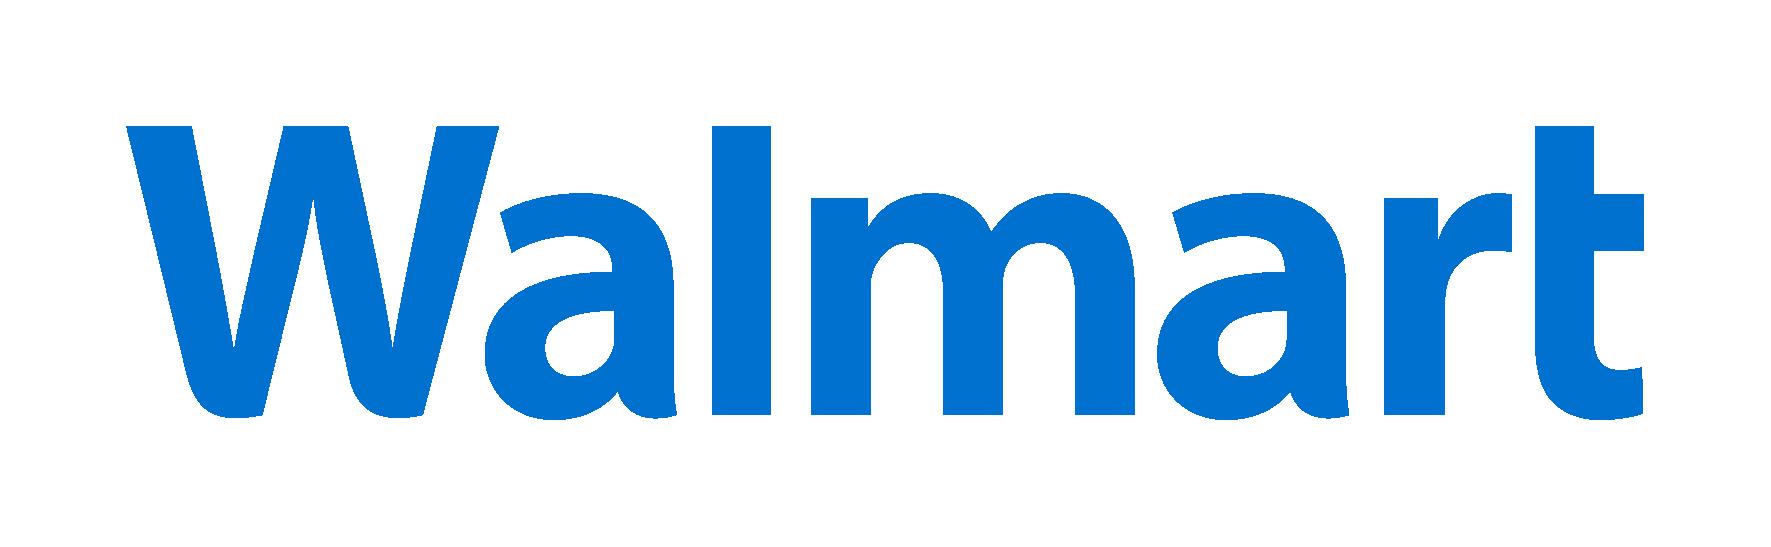 Walmart_Logos_Wordmark_blu_rgb.png